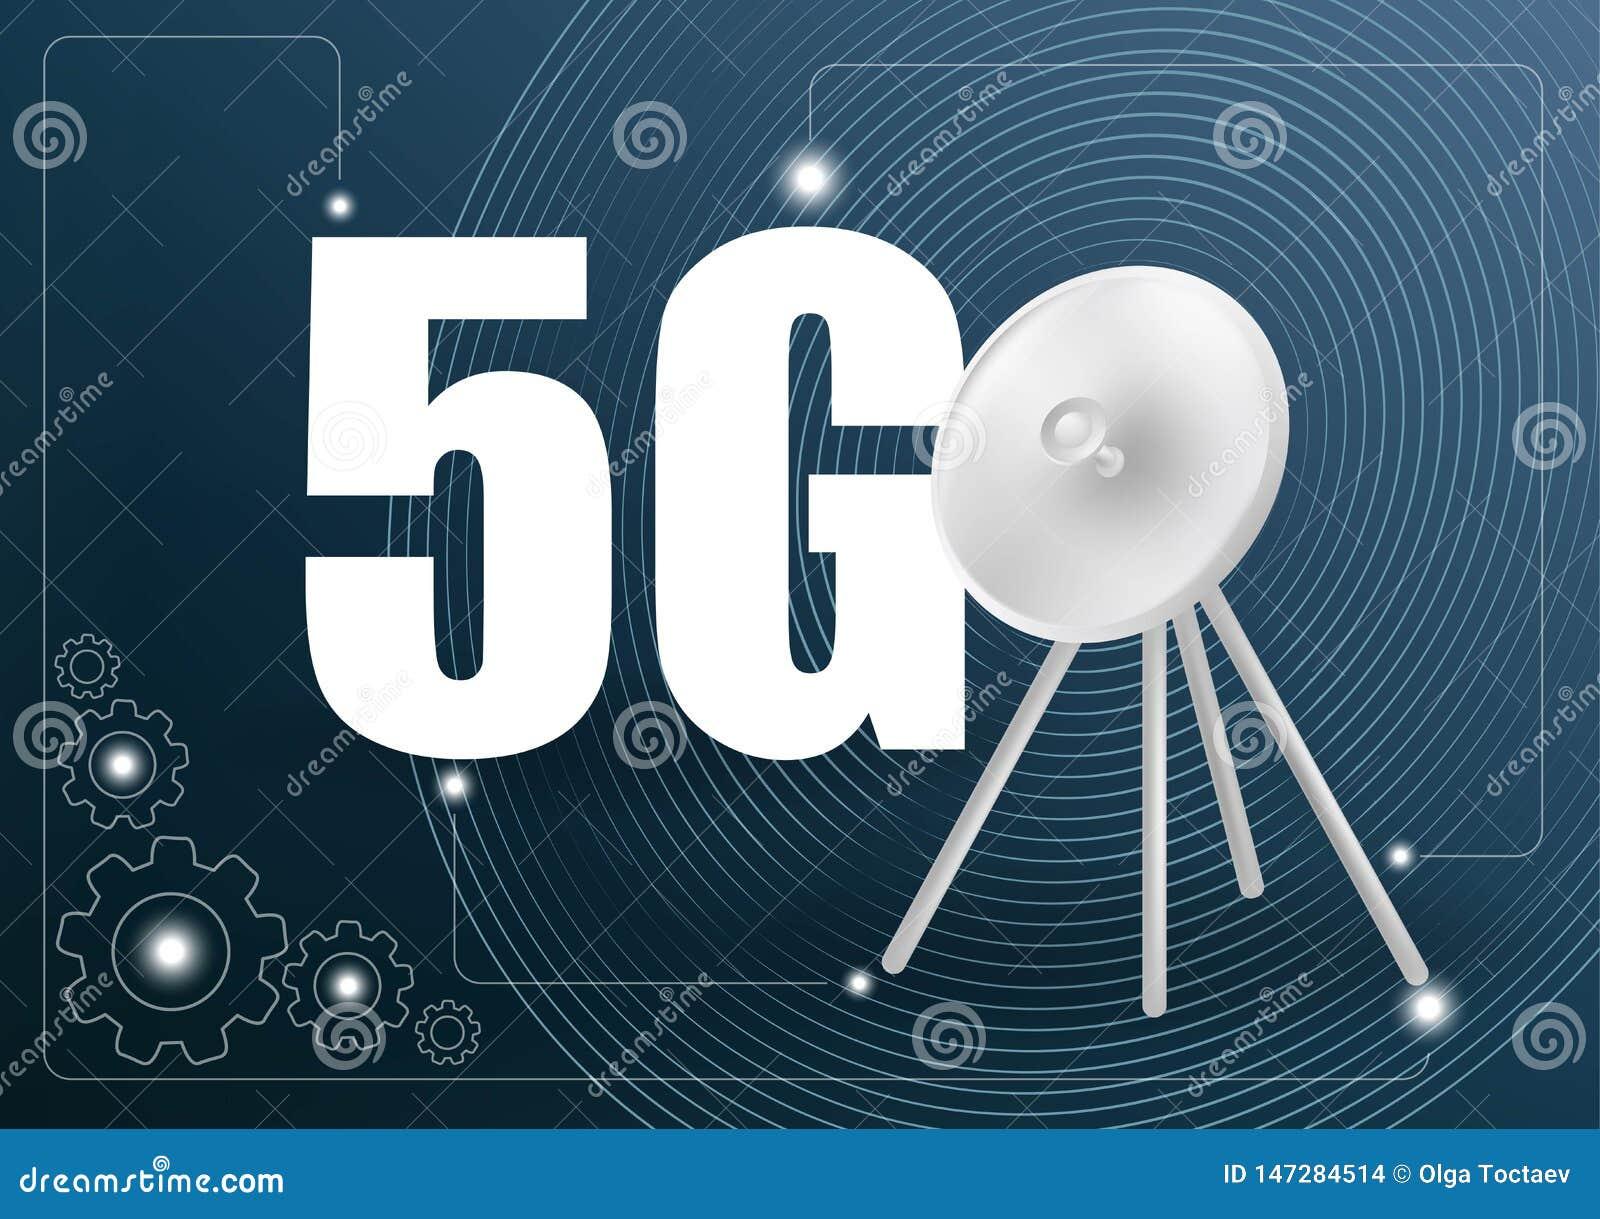 Creatieve vectorillustratie van 5G de technologie van de signaaltransmissie, de nieuwe draadloze Internet-achtergrond van de wifi